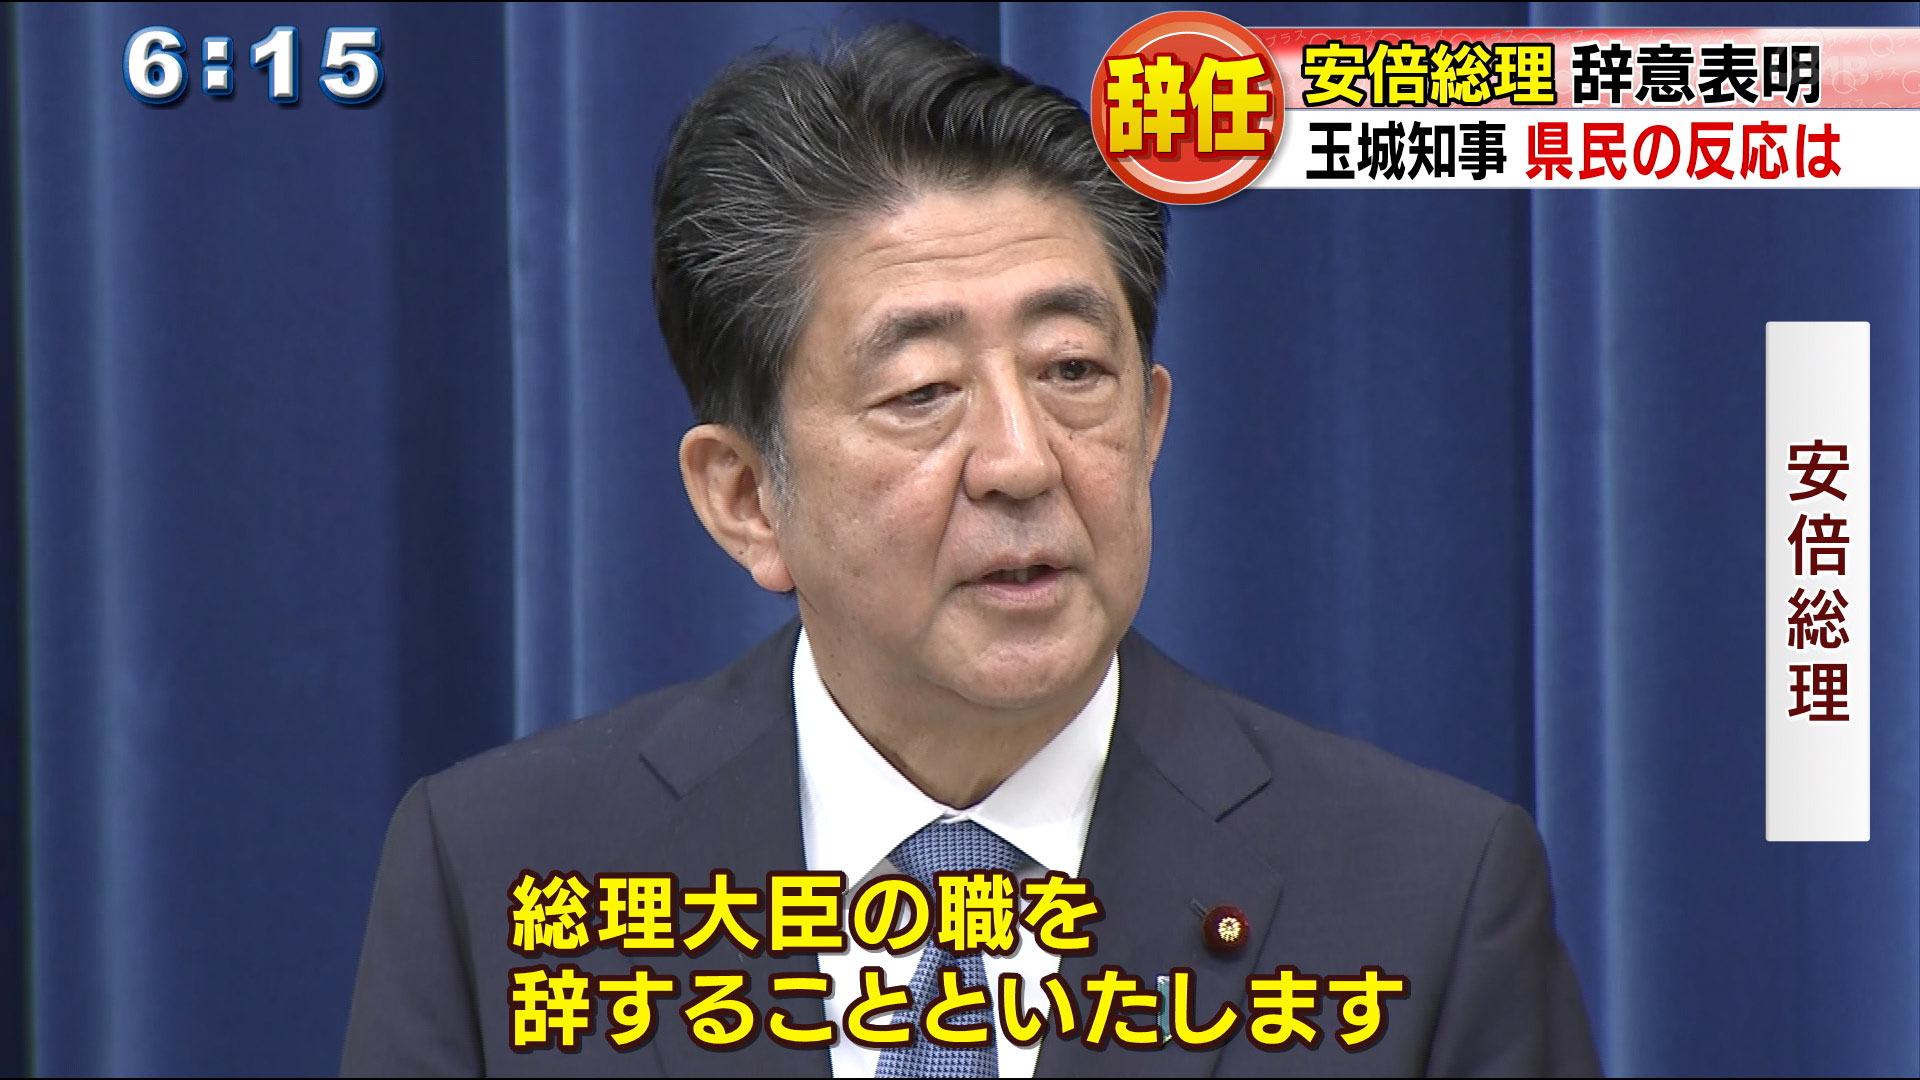 安倍総理辞任で県内の反応